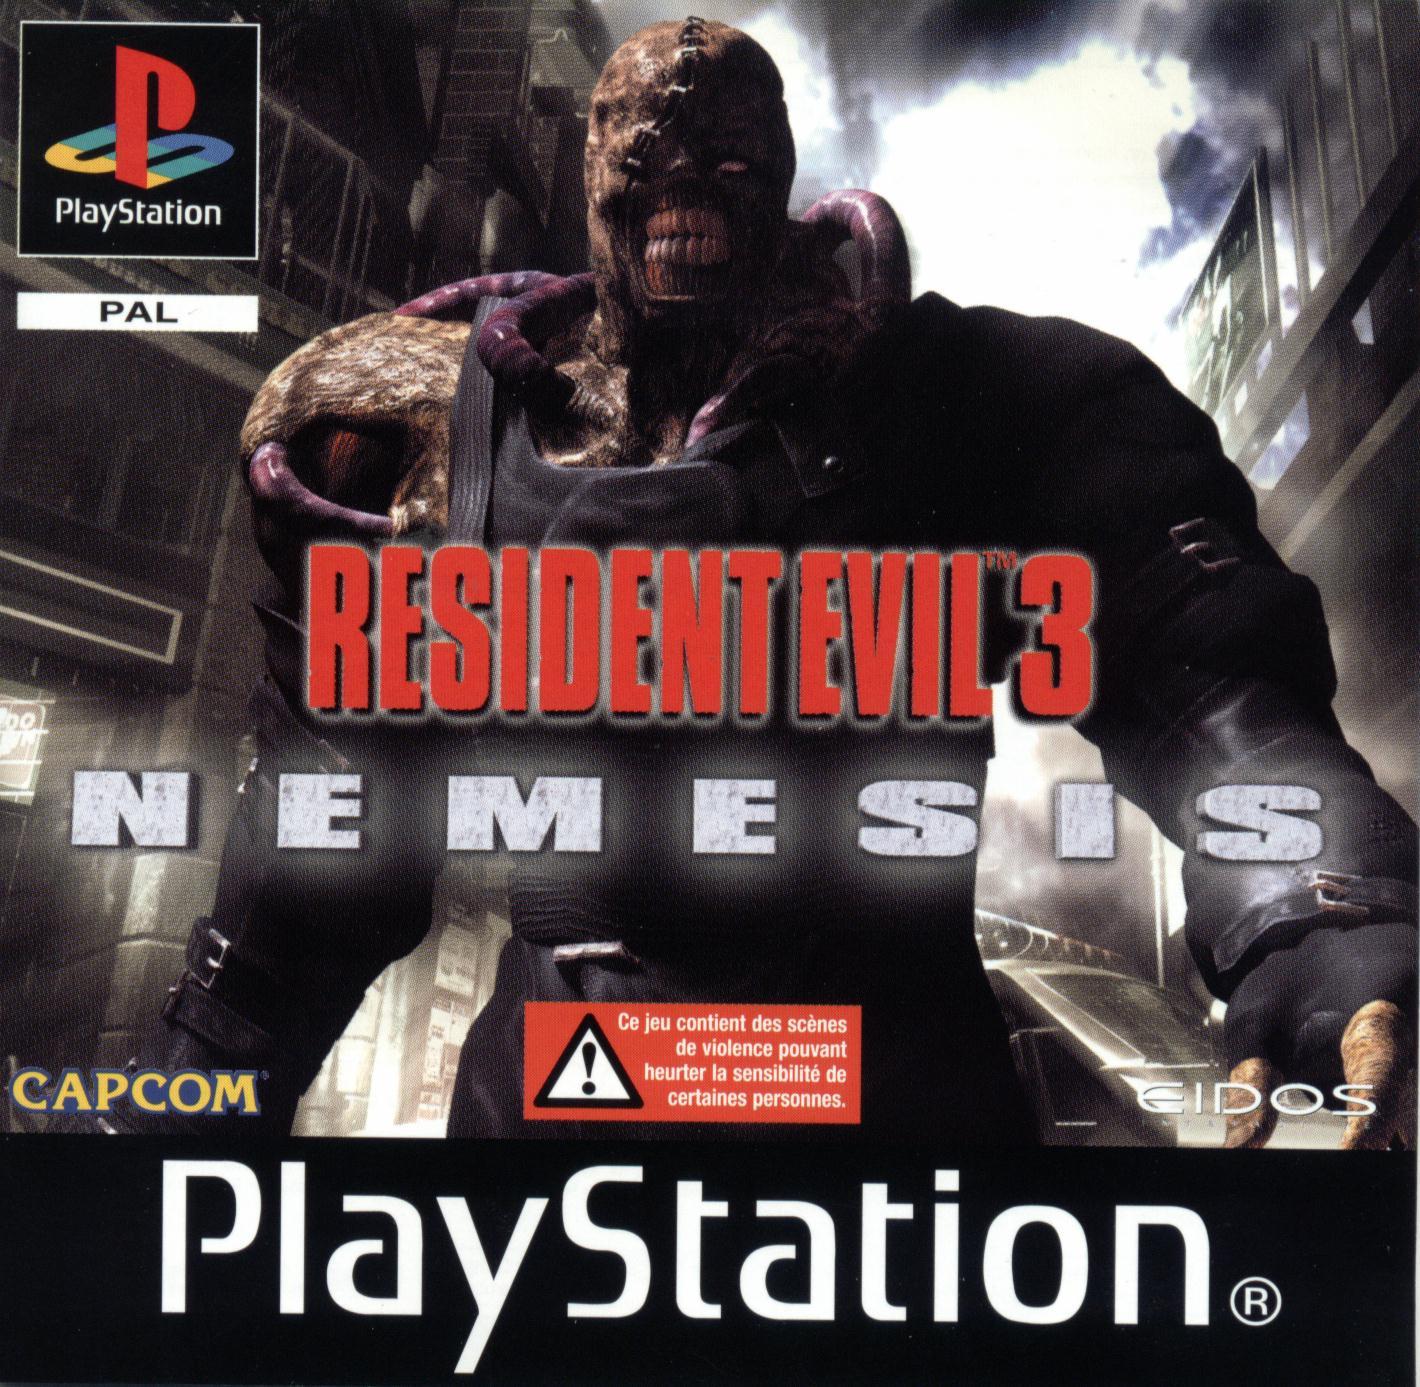 [Review] Resident Evil 3: Nemesis